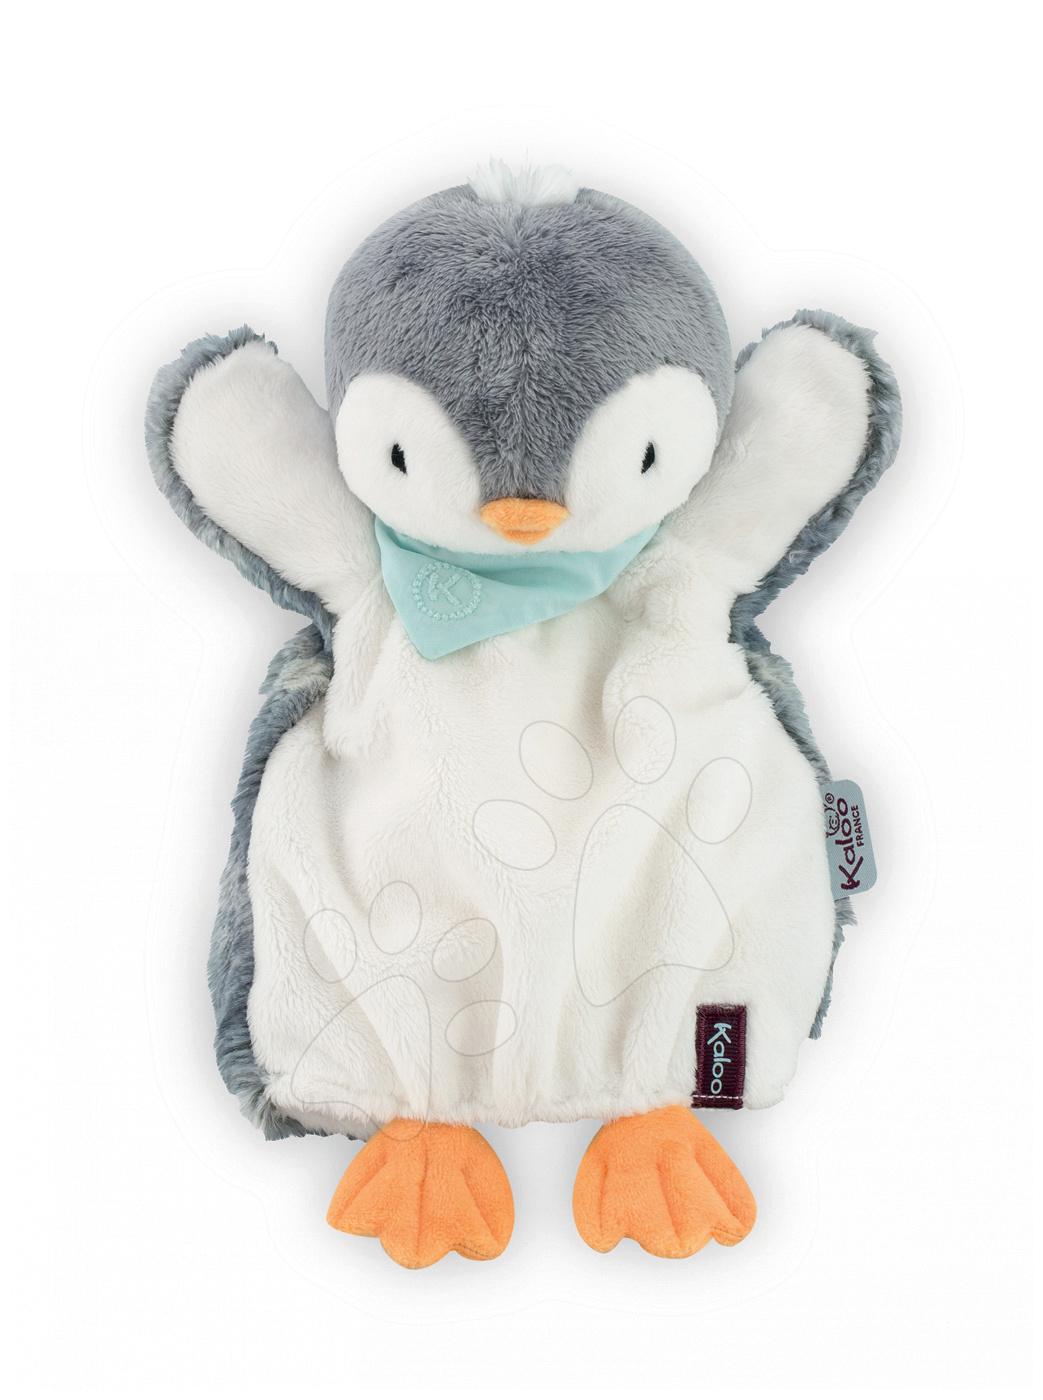 Bábky pre najmenších - Plyšový tučniak bábkové divadlo Les Amis-Penguin Doudou Kaloo 30 cm pre najmenších